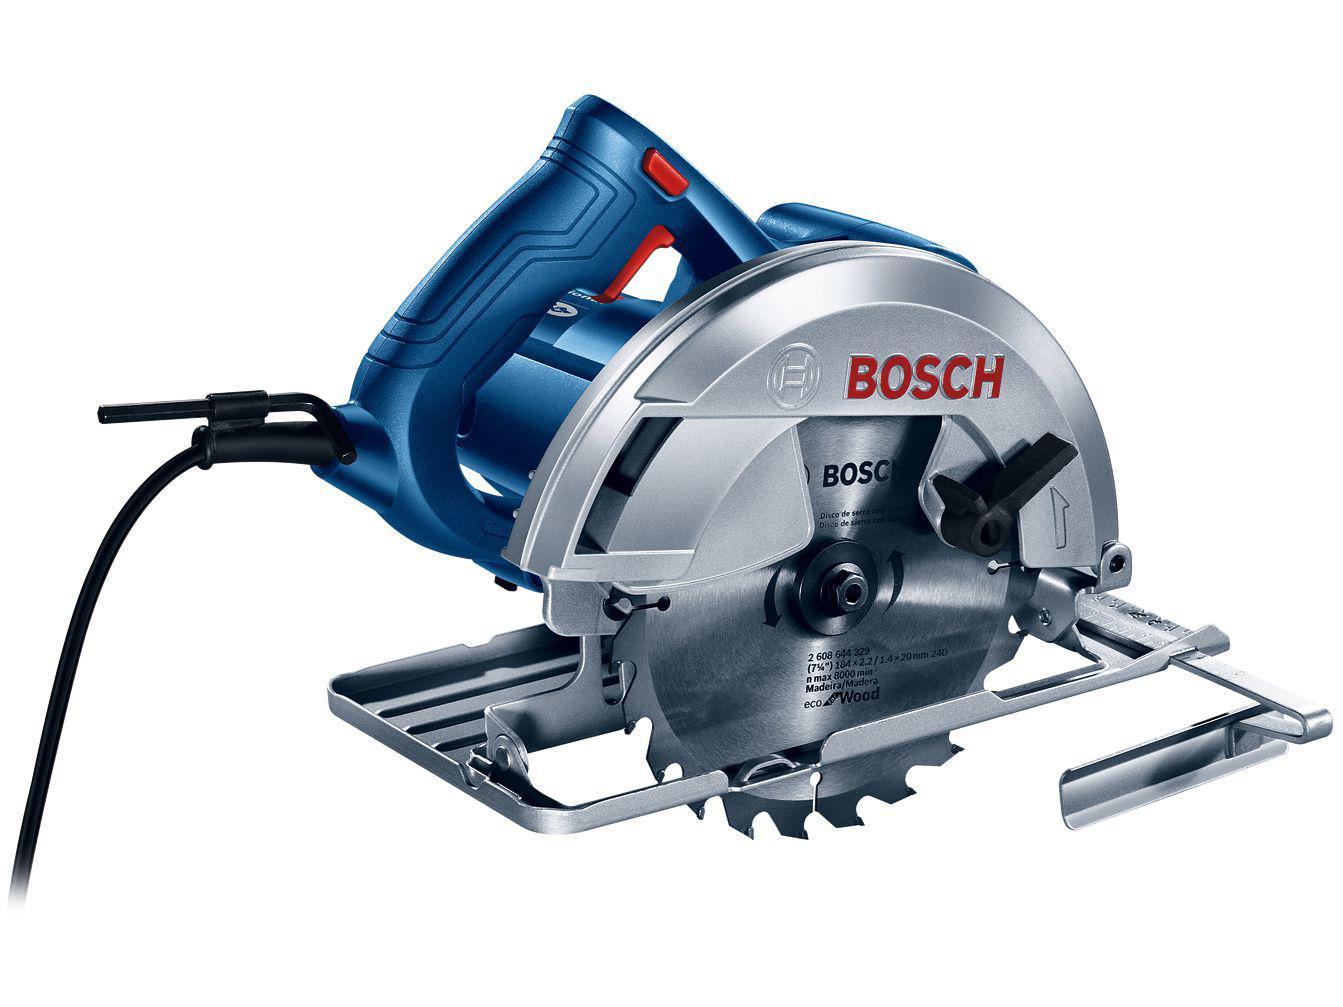 Serra Circular Bosch GKS 150 184mm 1500W - 6000RPM 5 Peças